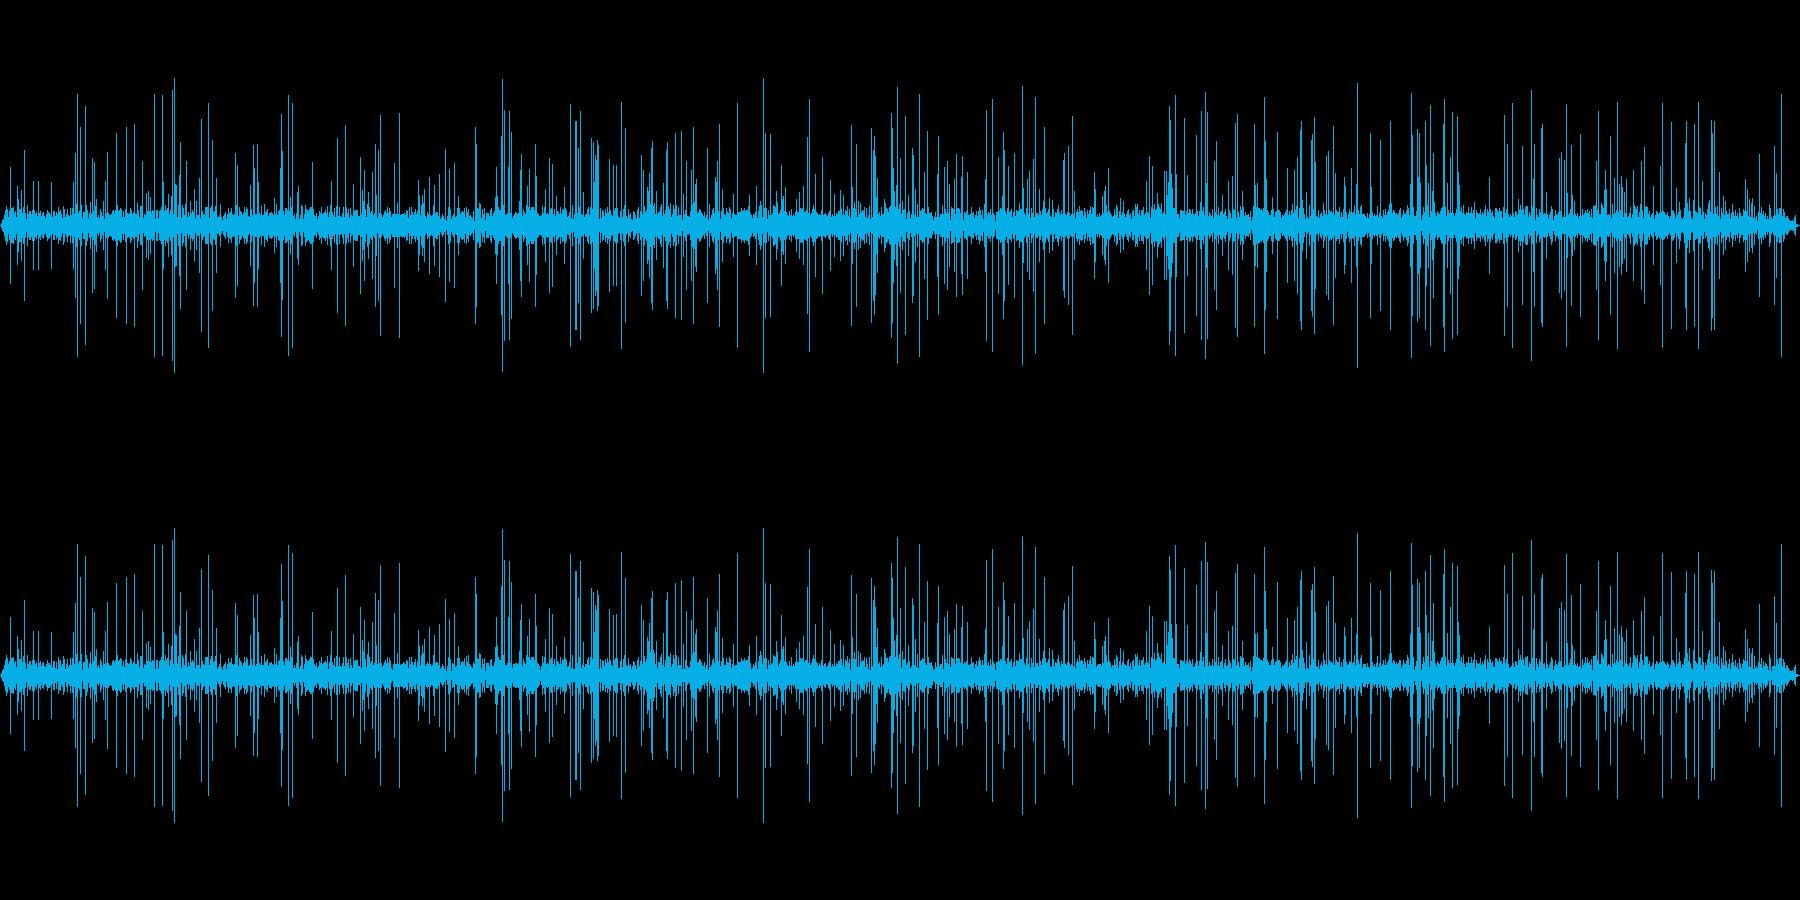 5分間のレコードノイズ・ターンテーブルの再生済みの波形